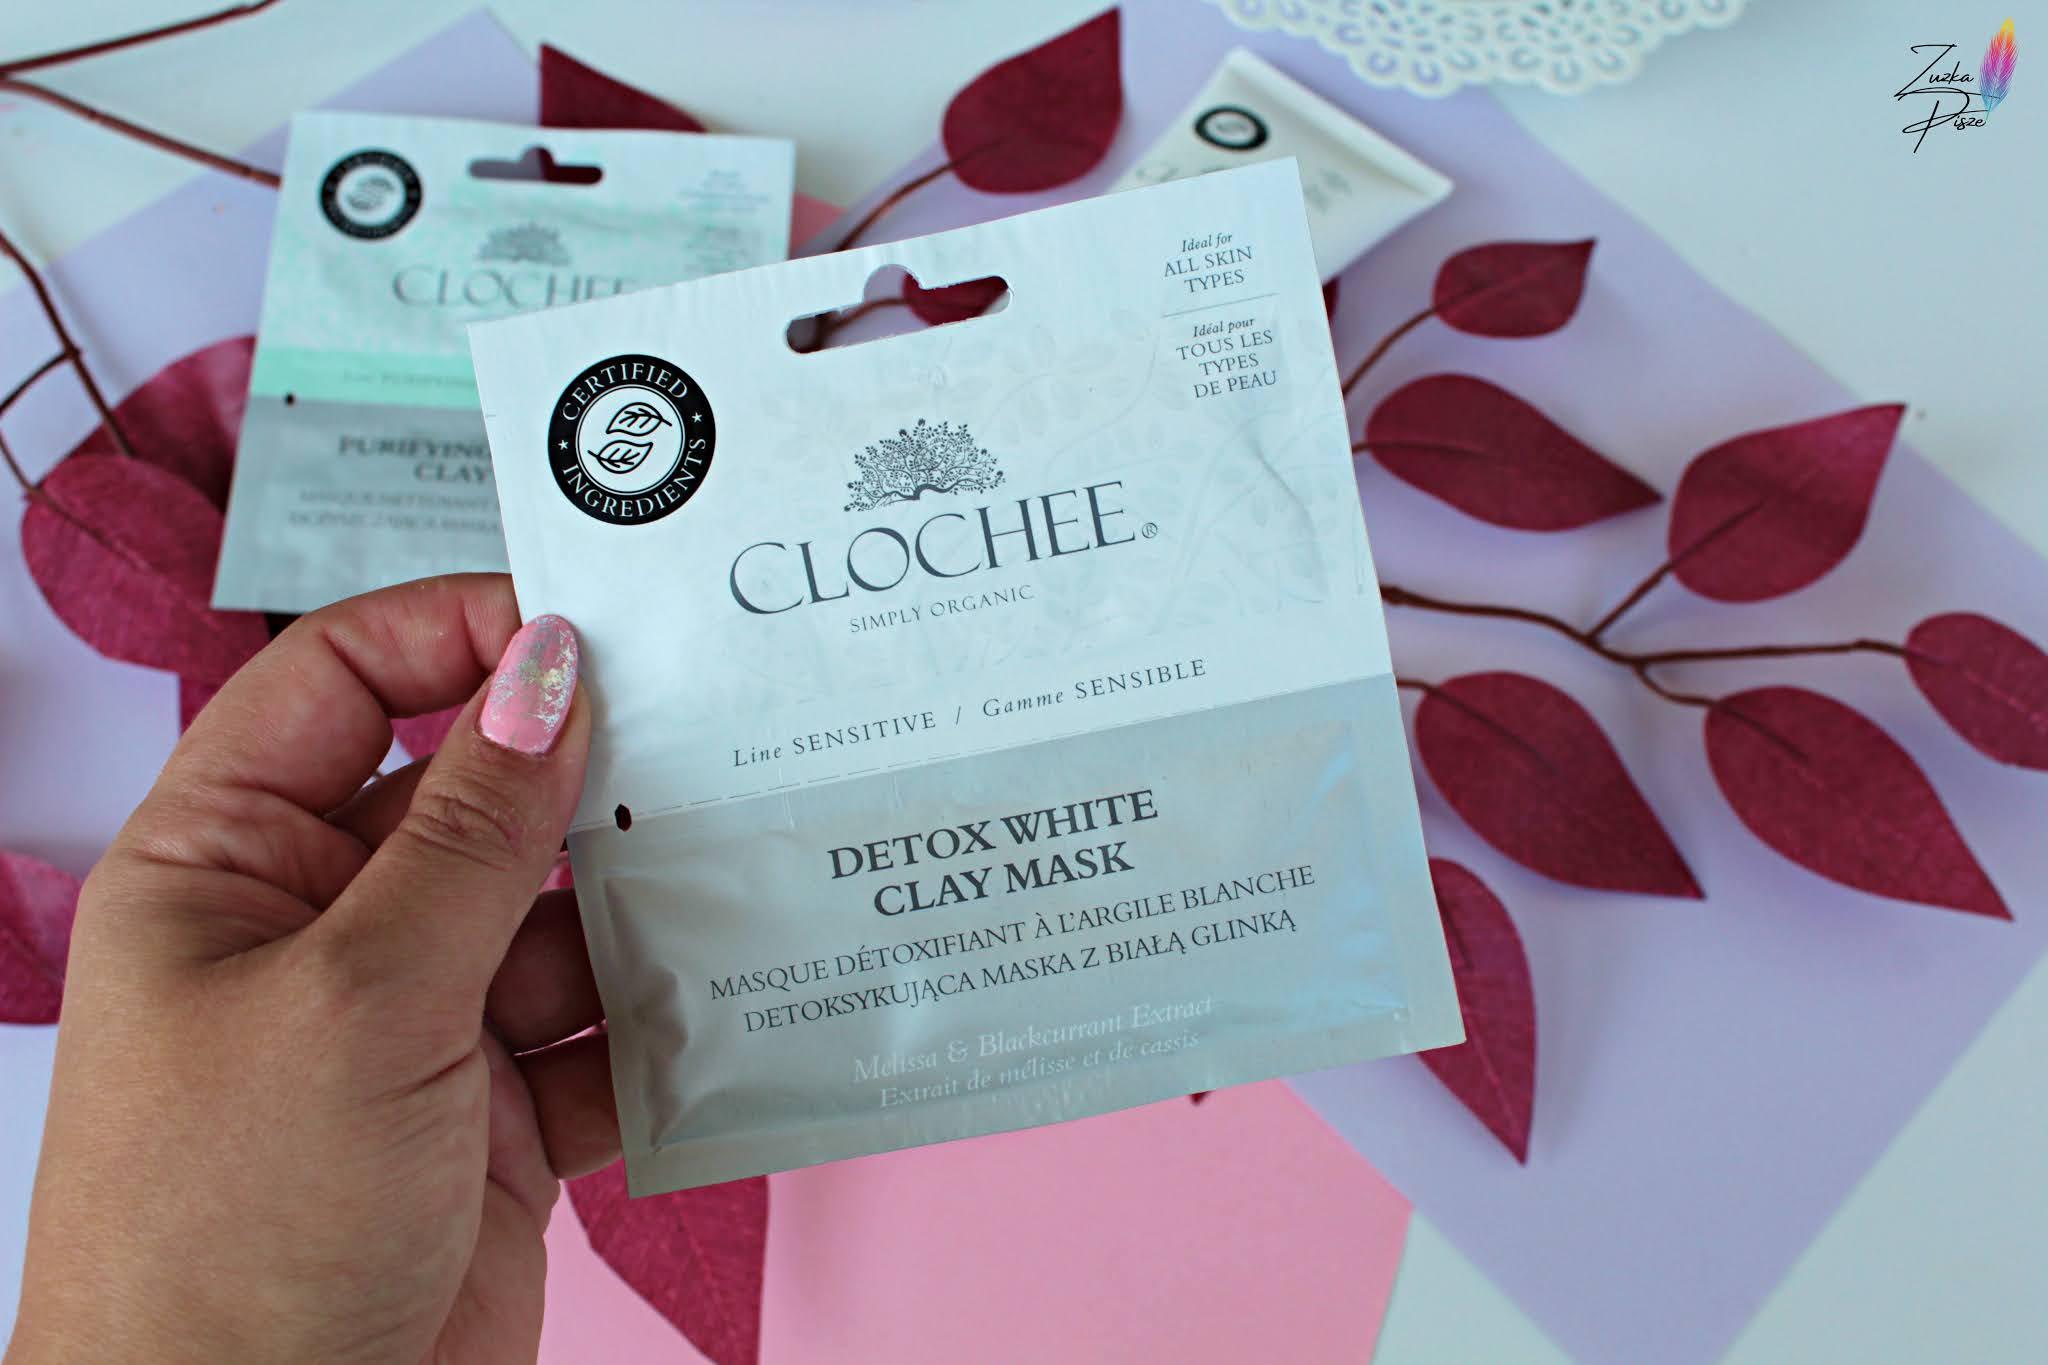 Clochee Detox White Clay Mask Detoksykująca maska z białą glinką